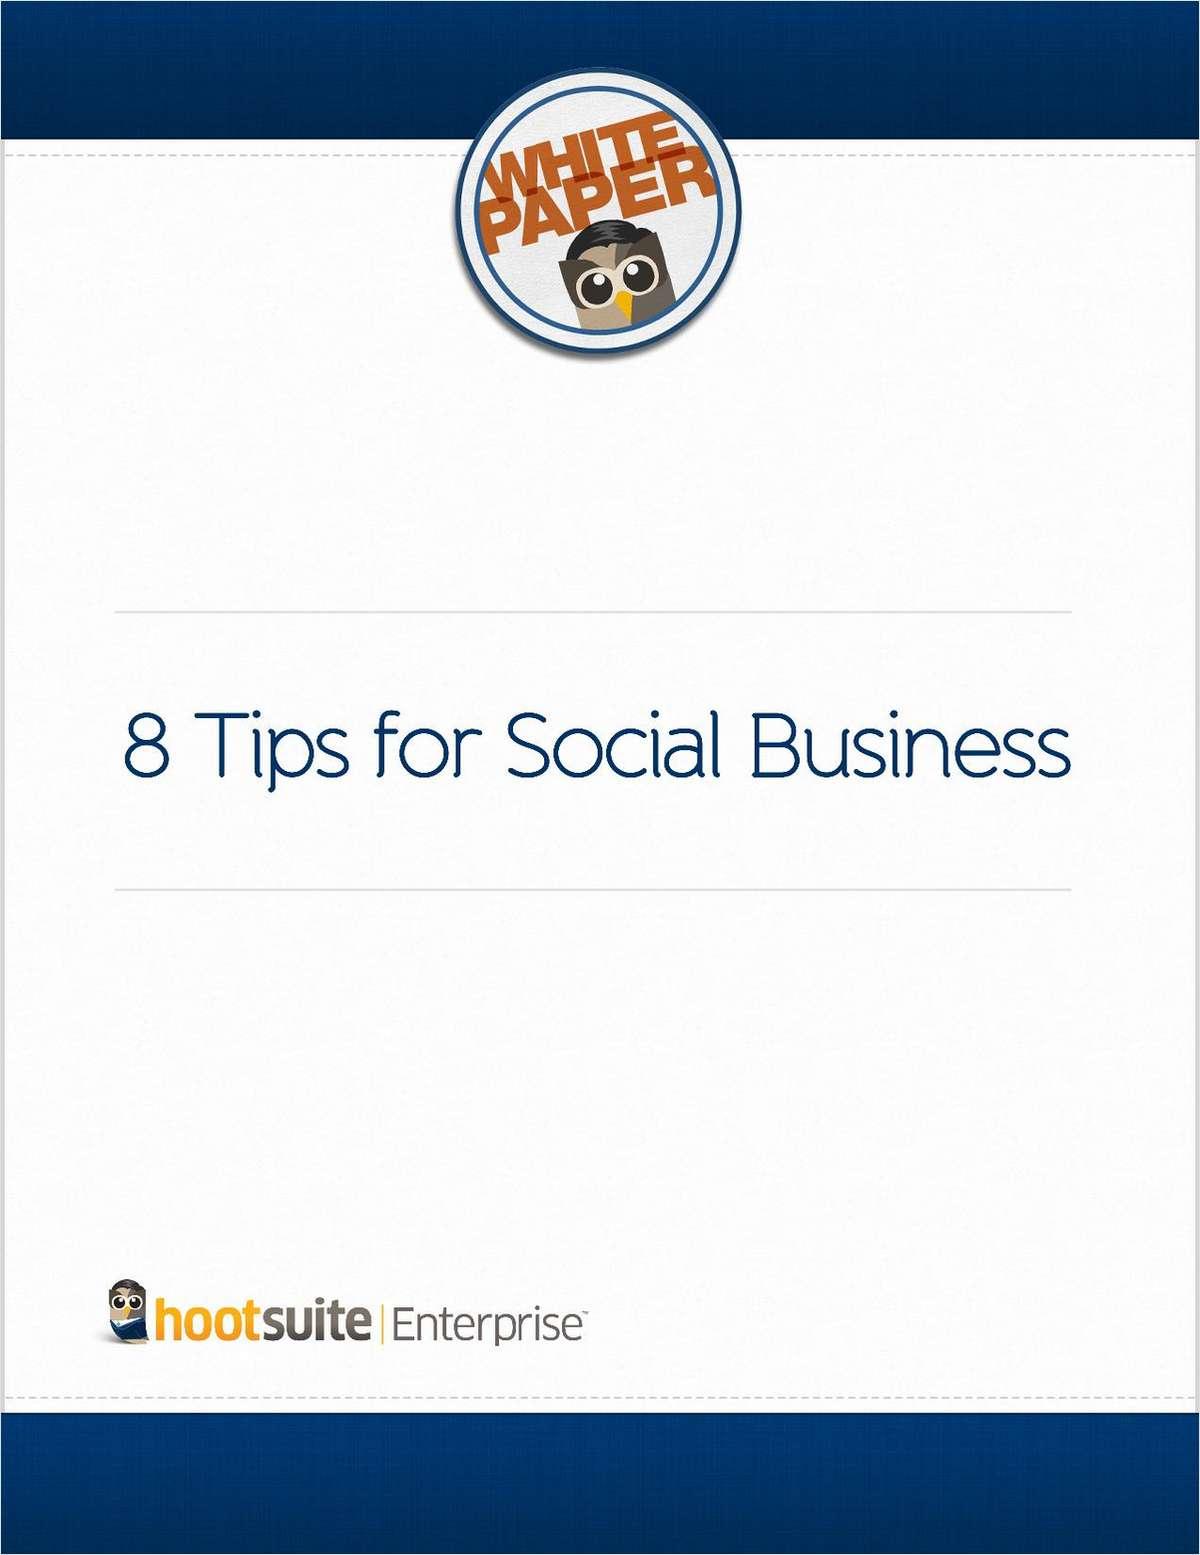 8 Tips for Social Business